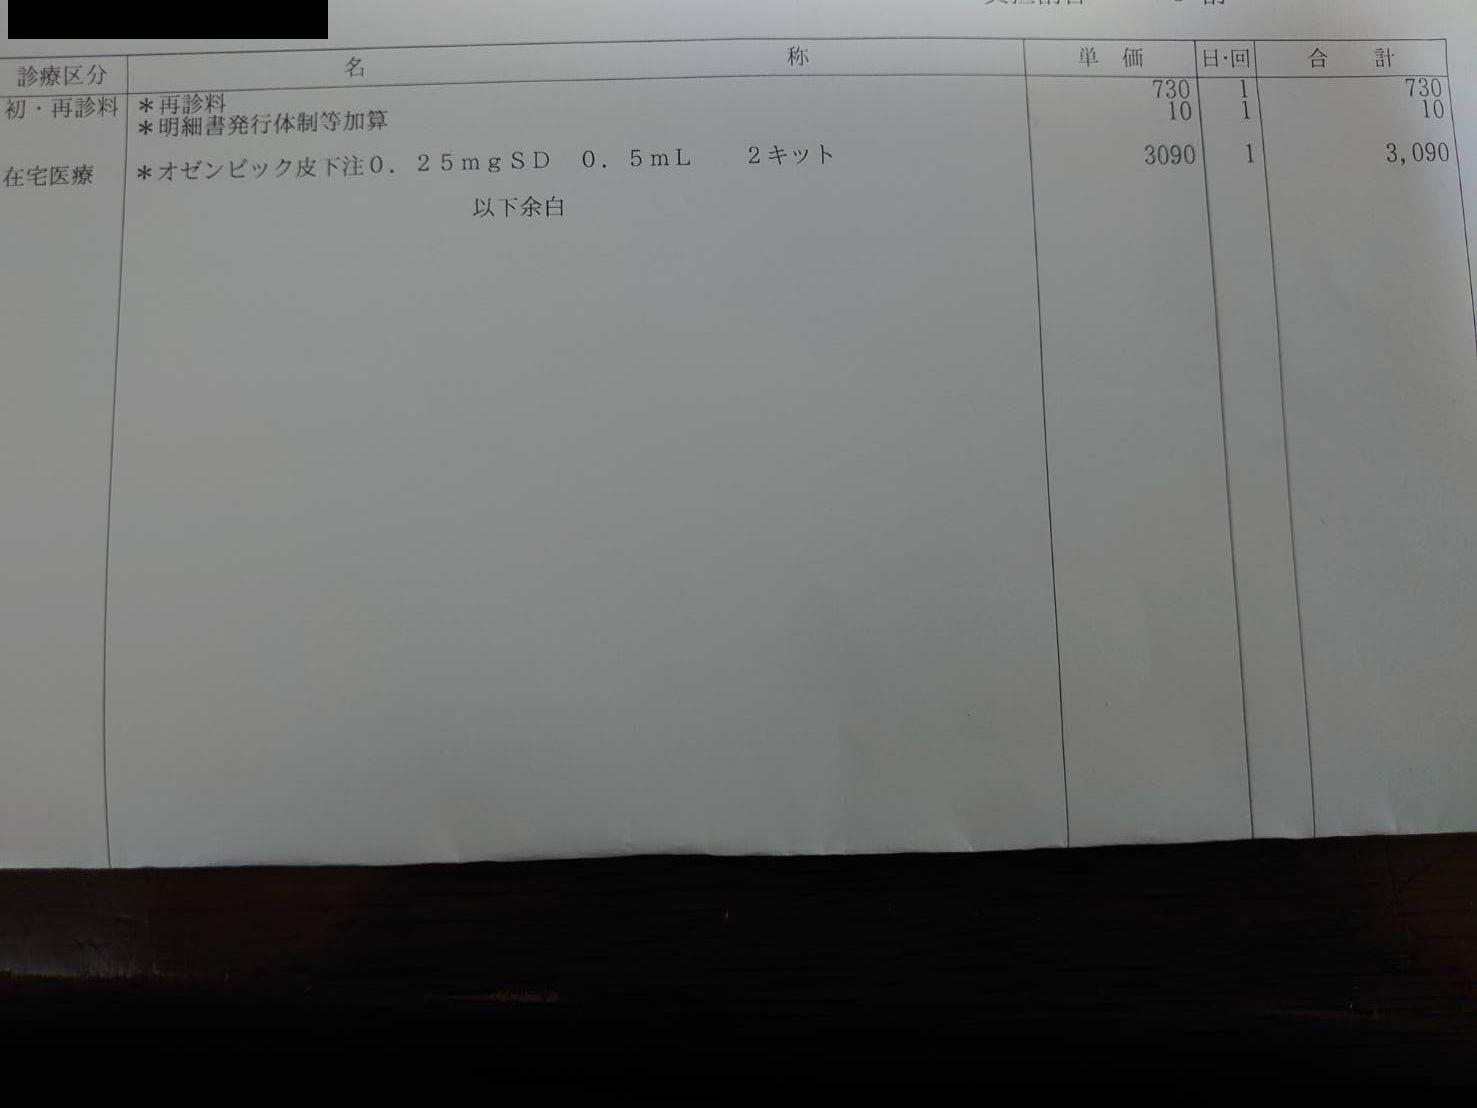 ドー パーパス リーゼ ドーバー パストリーゼ77 / 15kg